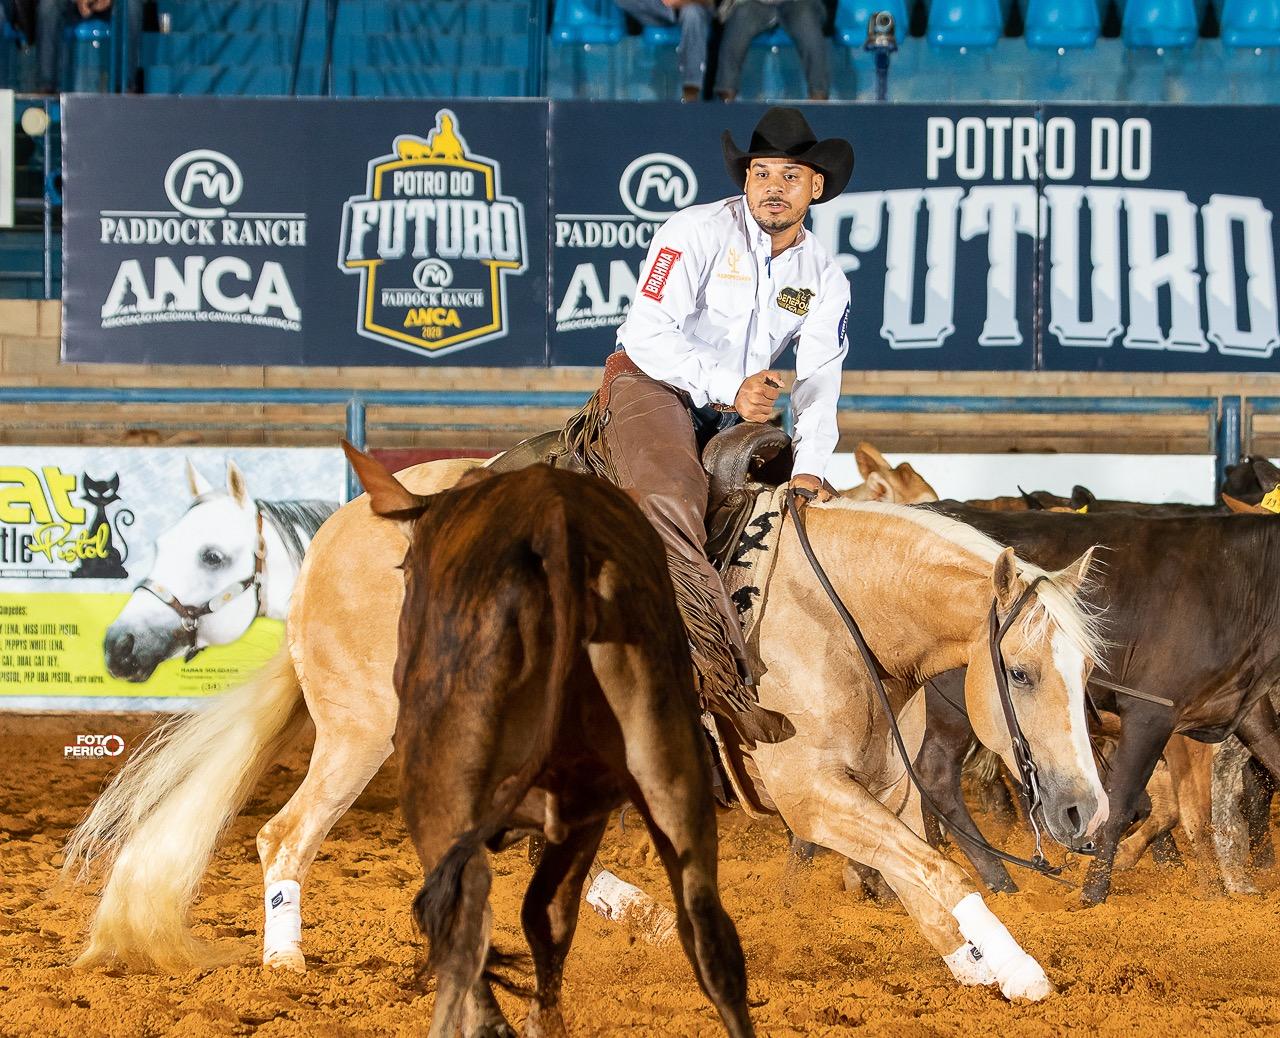 ANCA fecha 2020 com Potro do Futuro e Campeonato Nacional